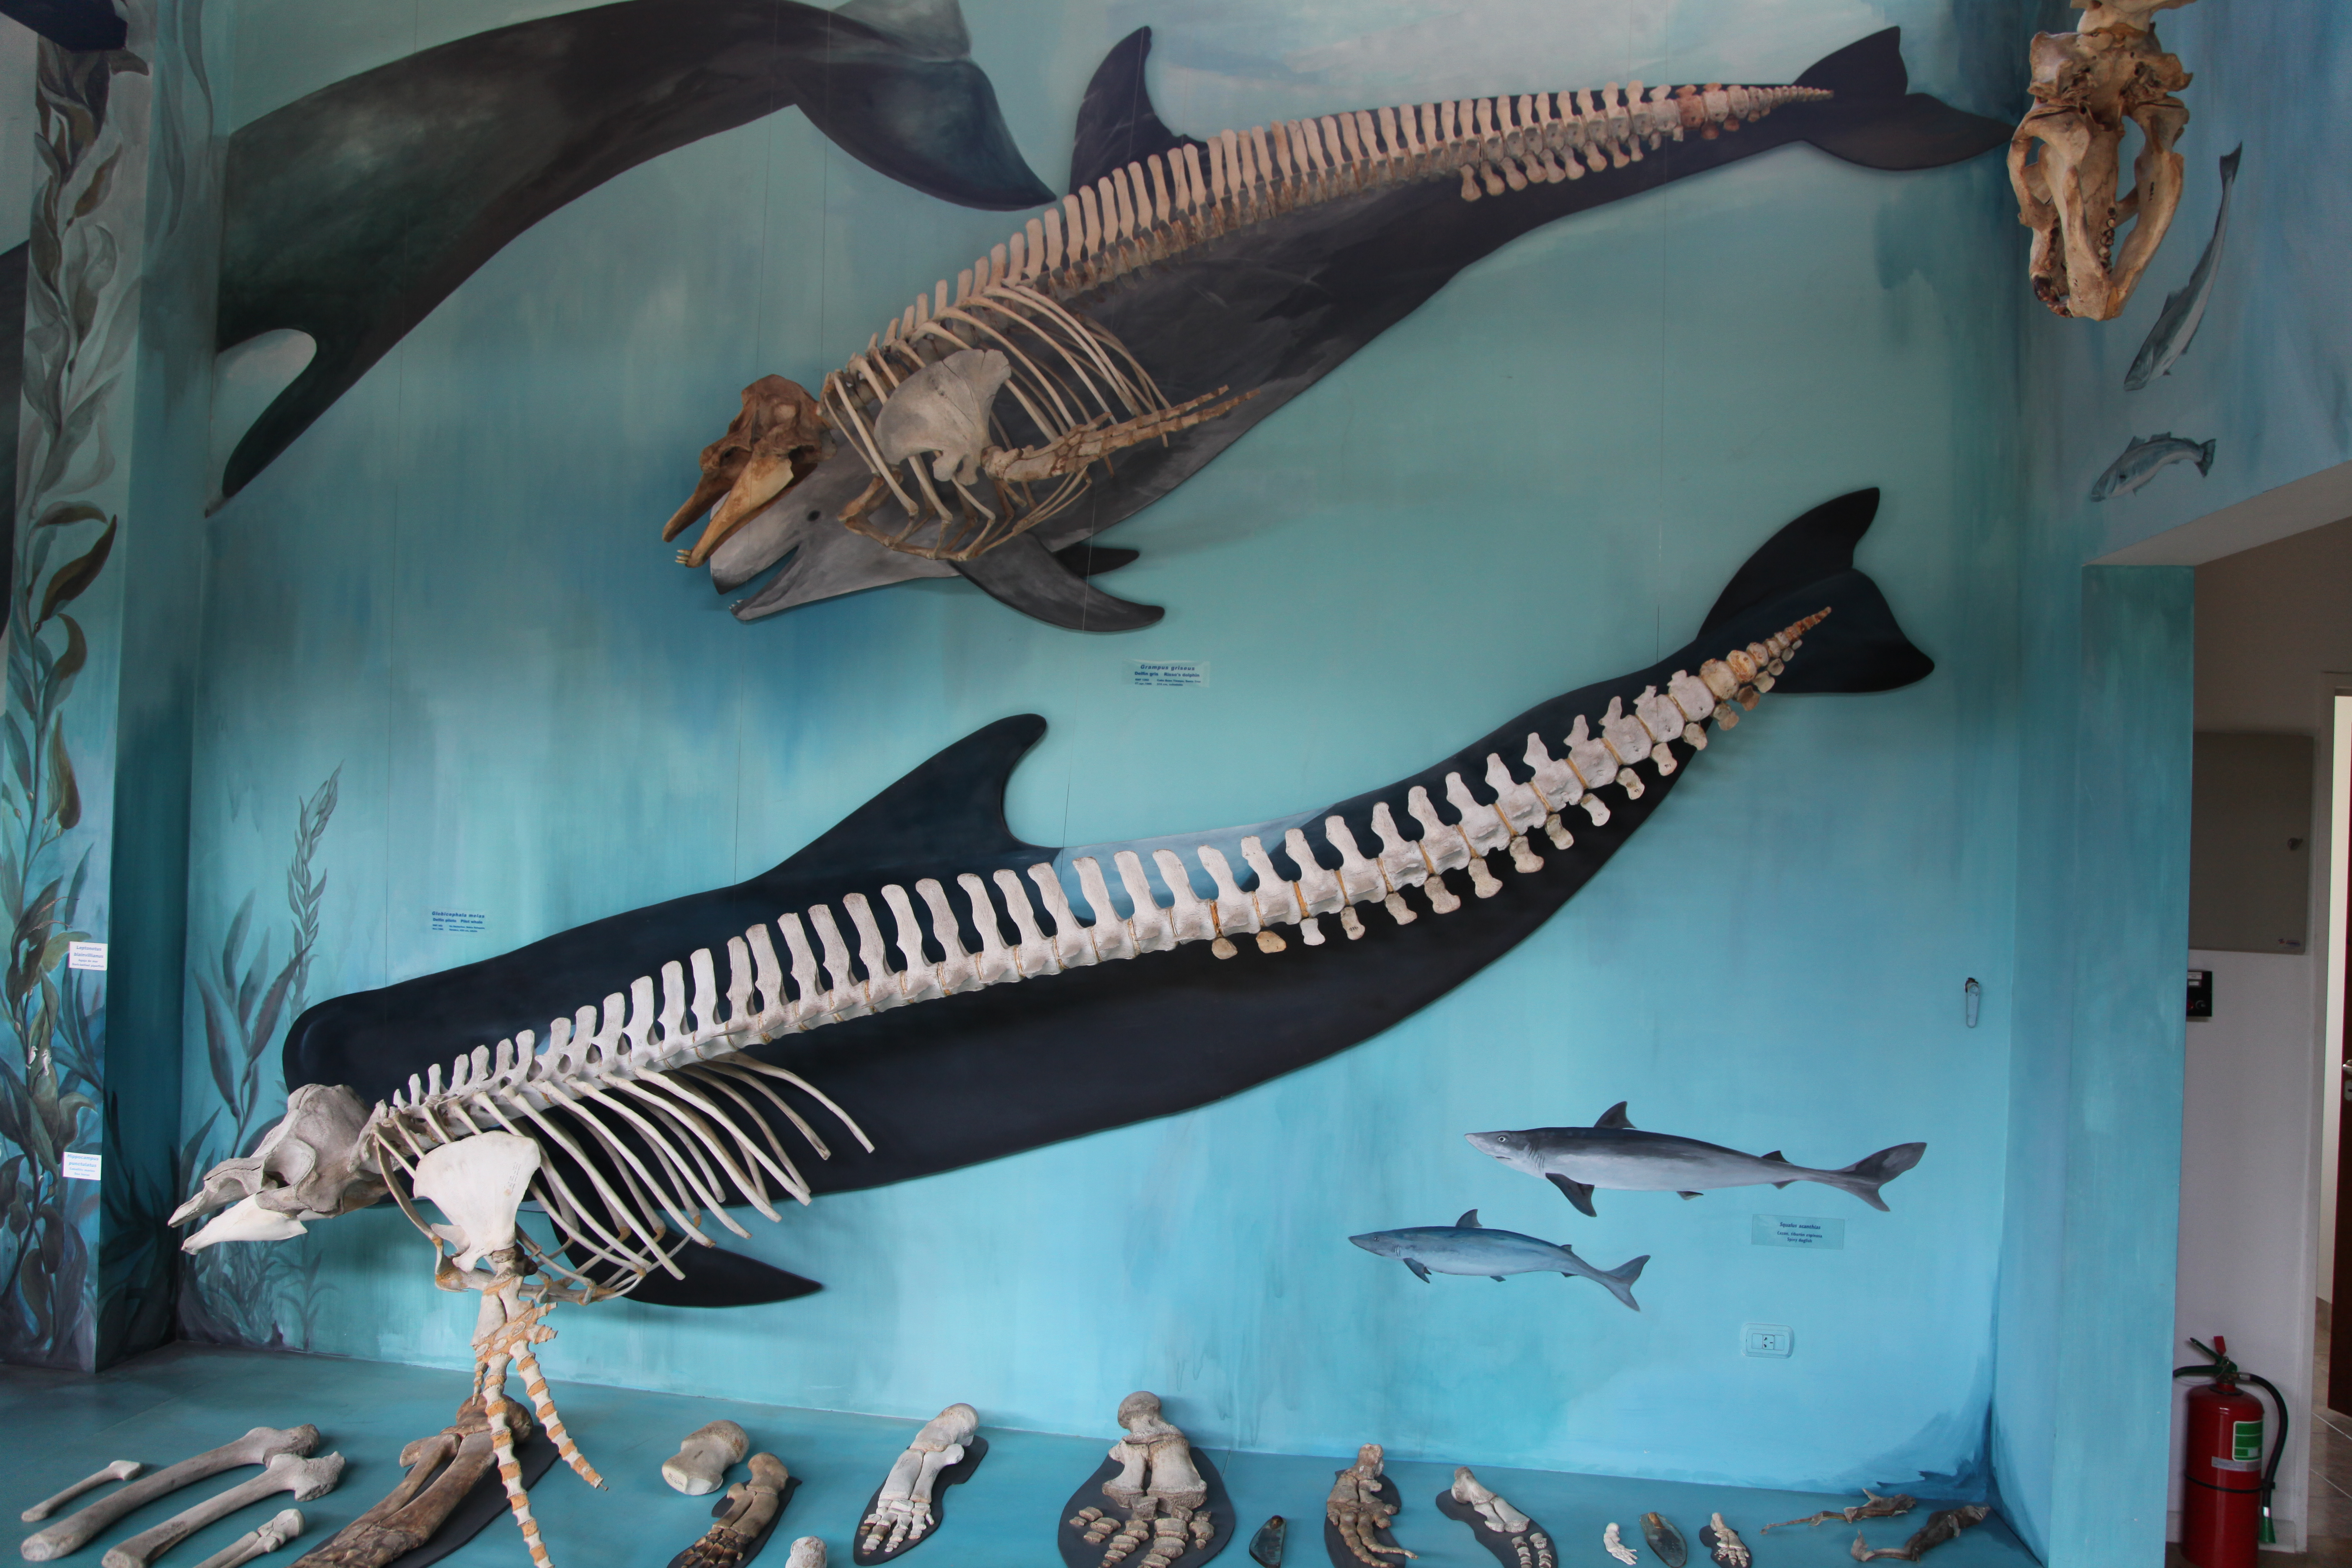 File:Museo Acatushún de Aves y Mamíferos Marinos Australes (5541472015).jpg